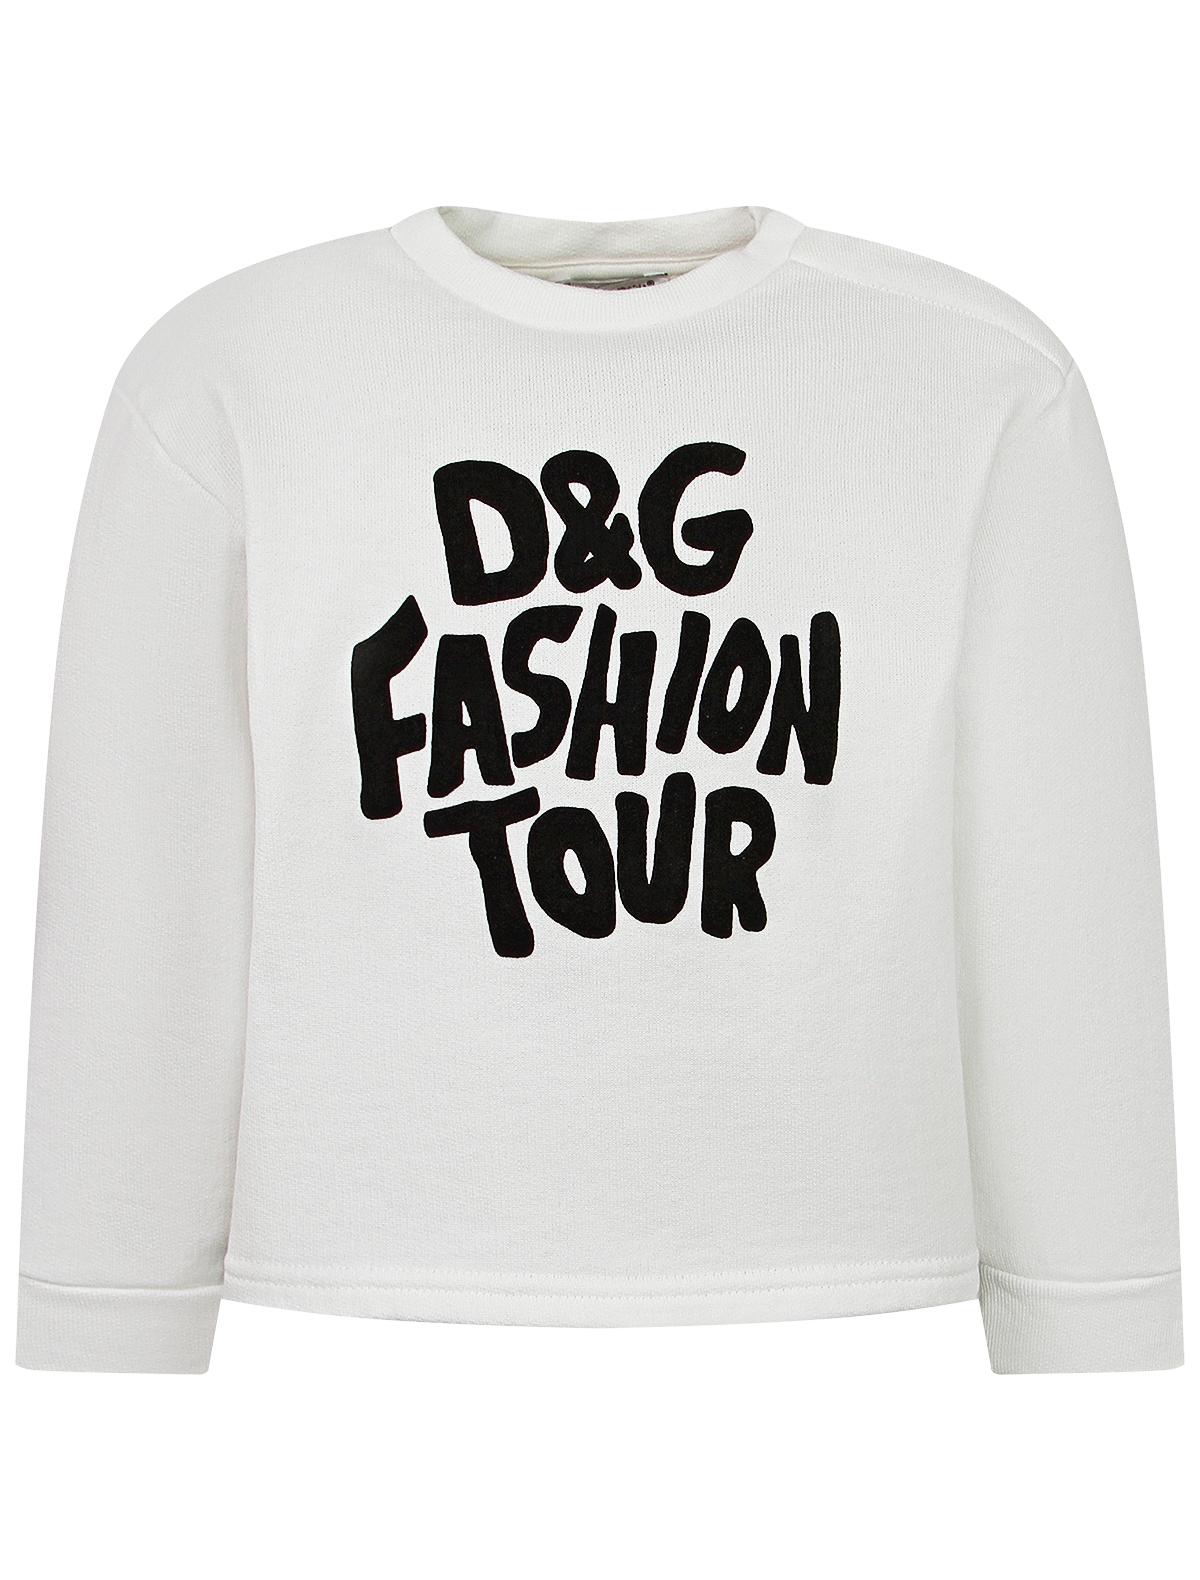 Купить 2324980, Свитшот Dolce & Gabbana, белый, Женский, 0084509180128